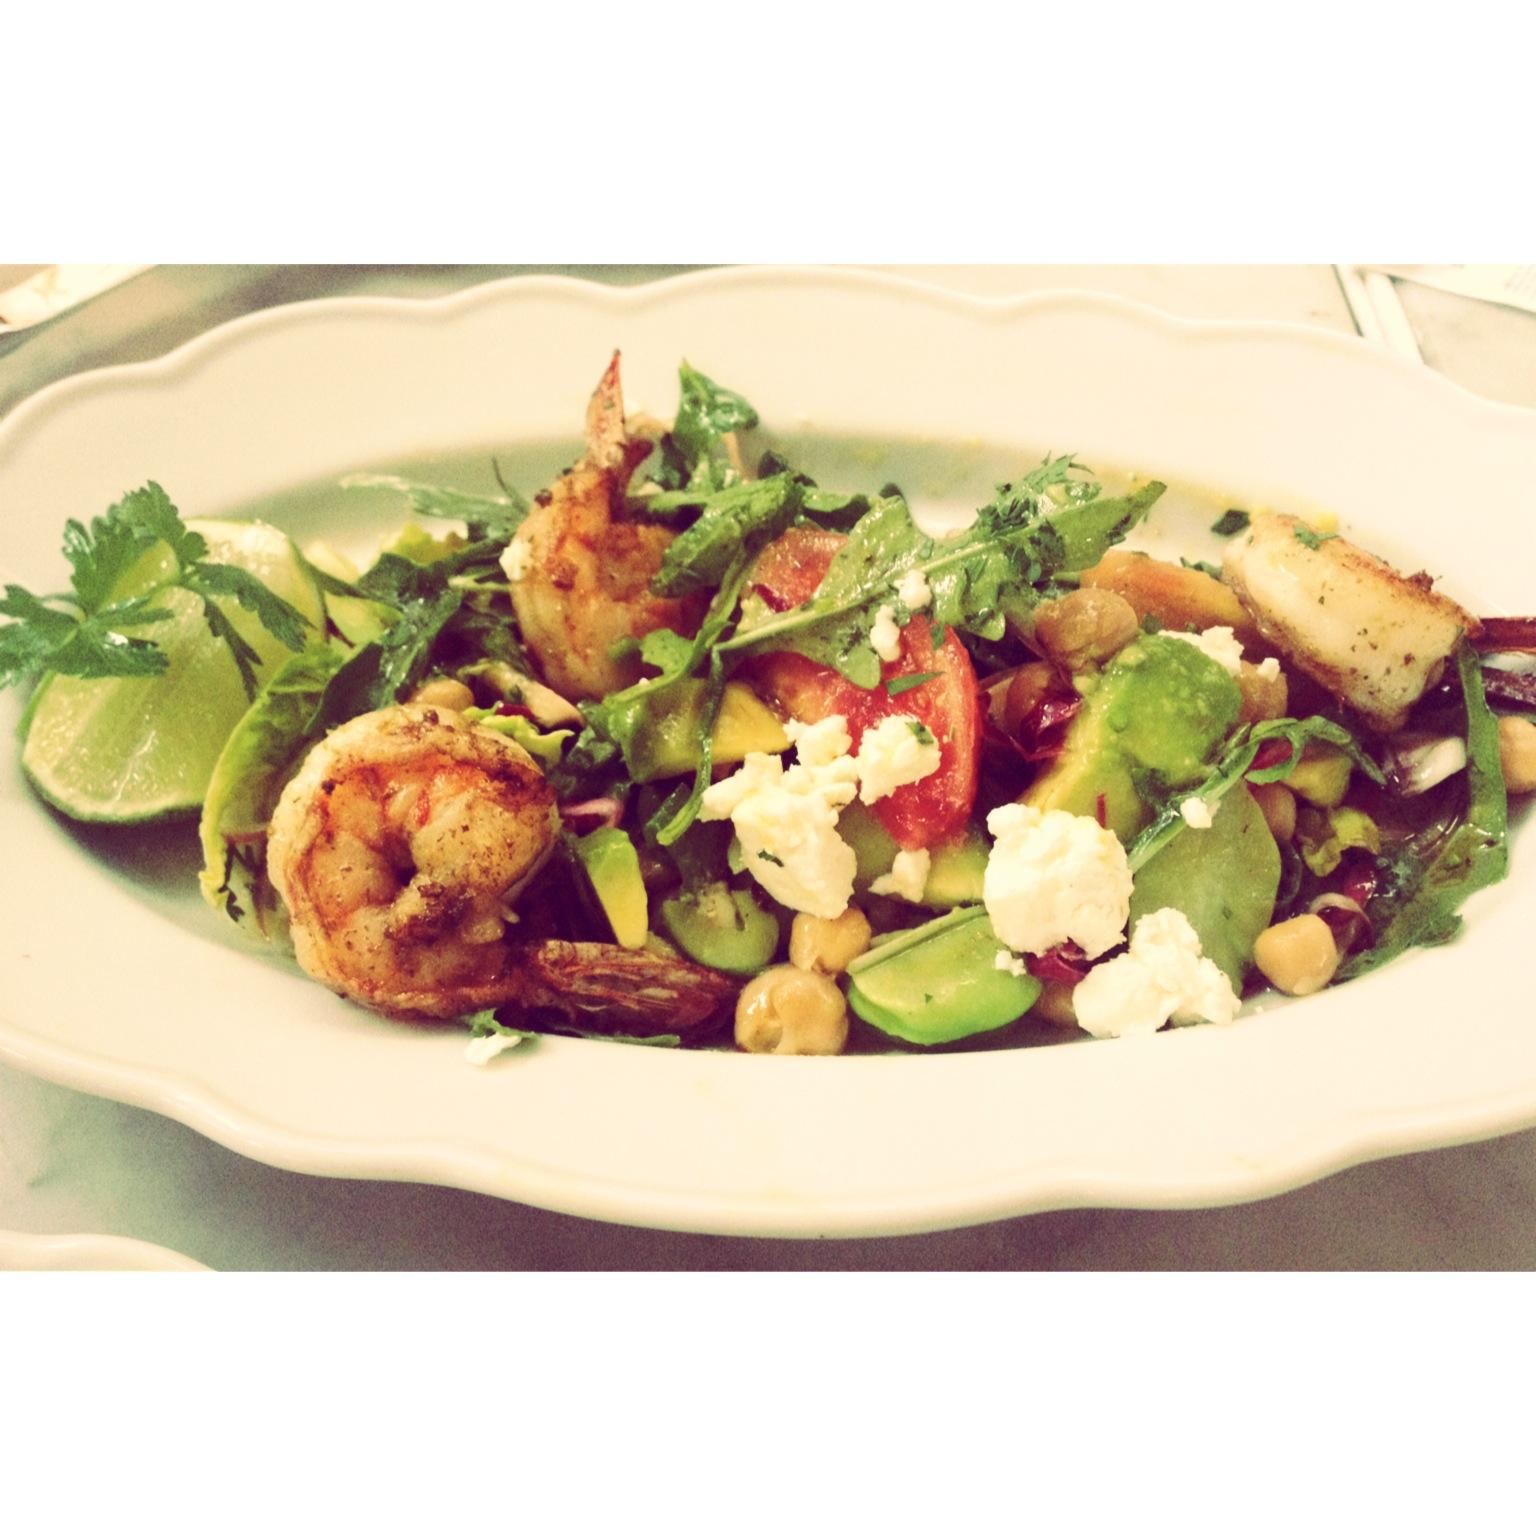 Primi sutil combinaci n de la comida italiana y - Ensalada de langostinos ...